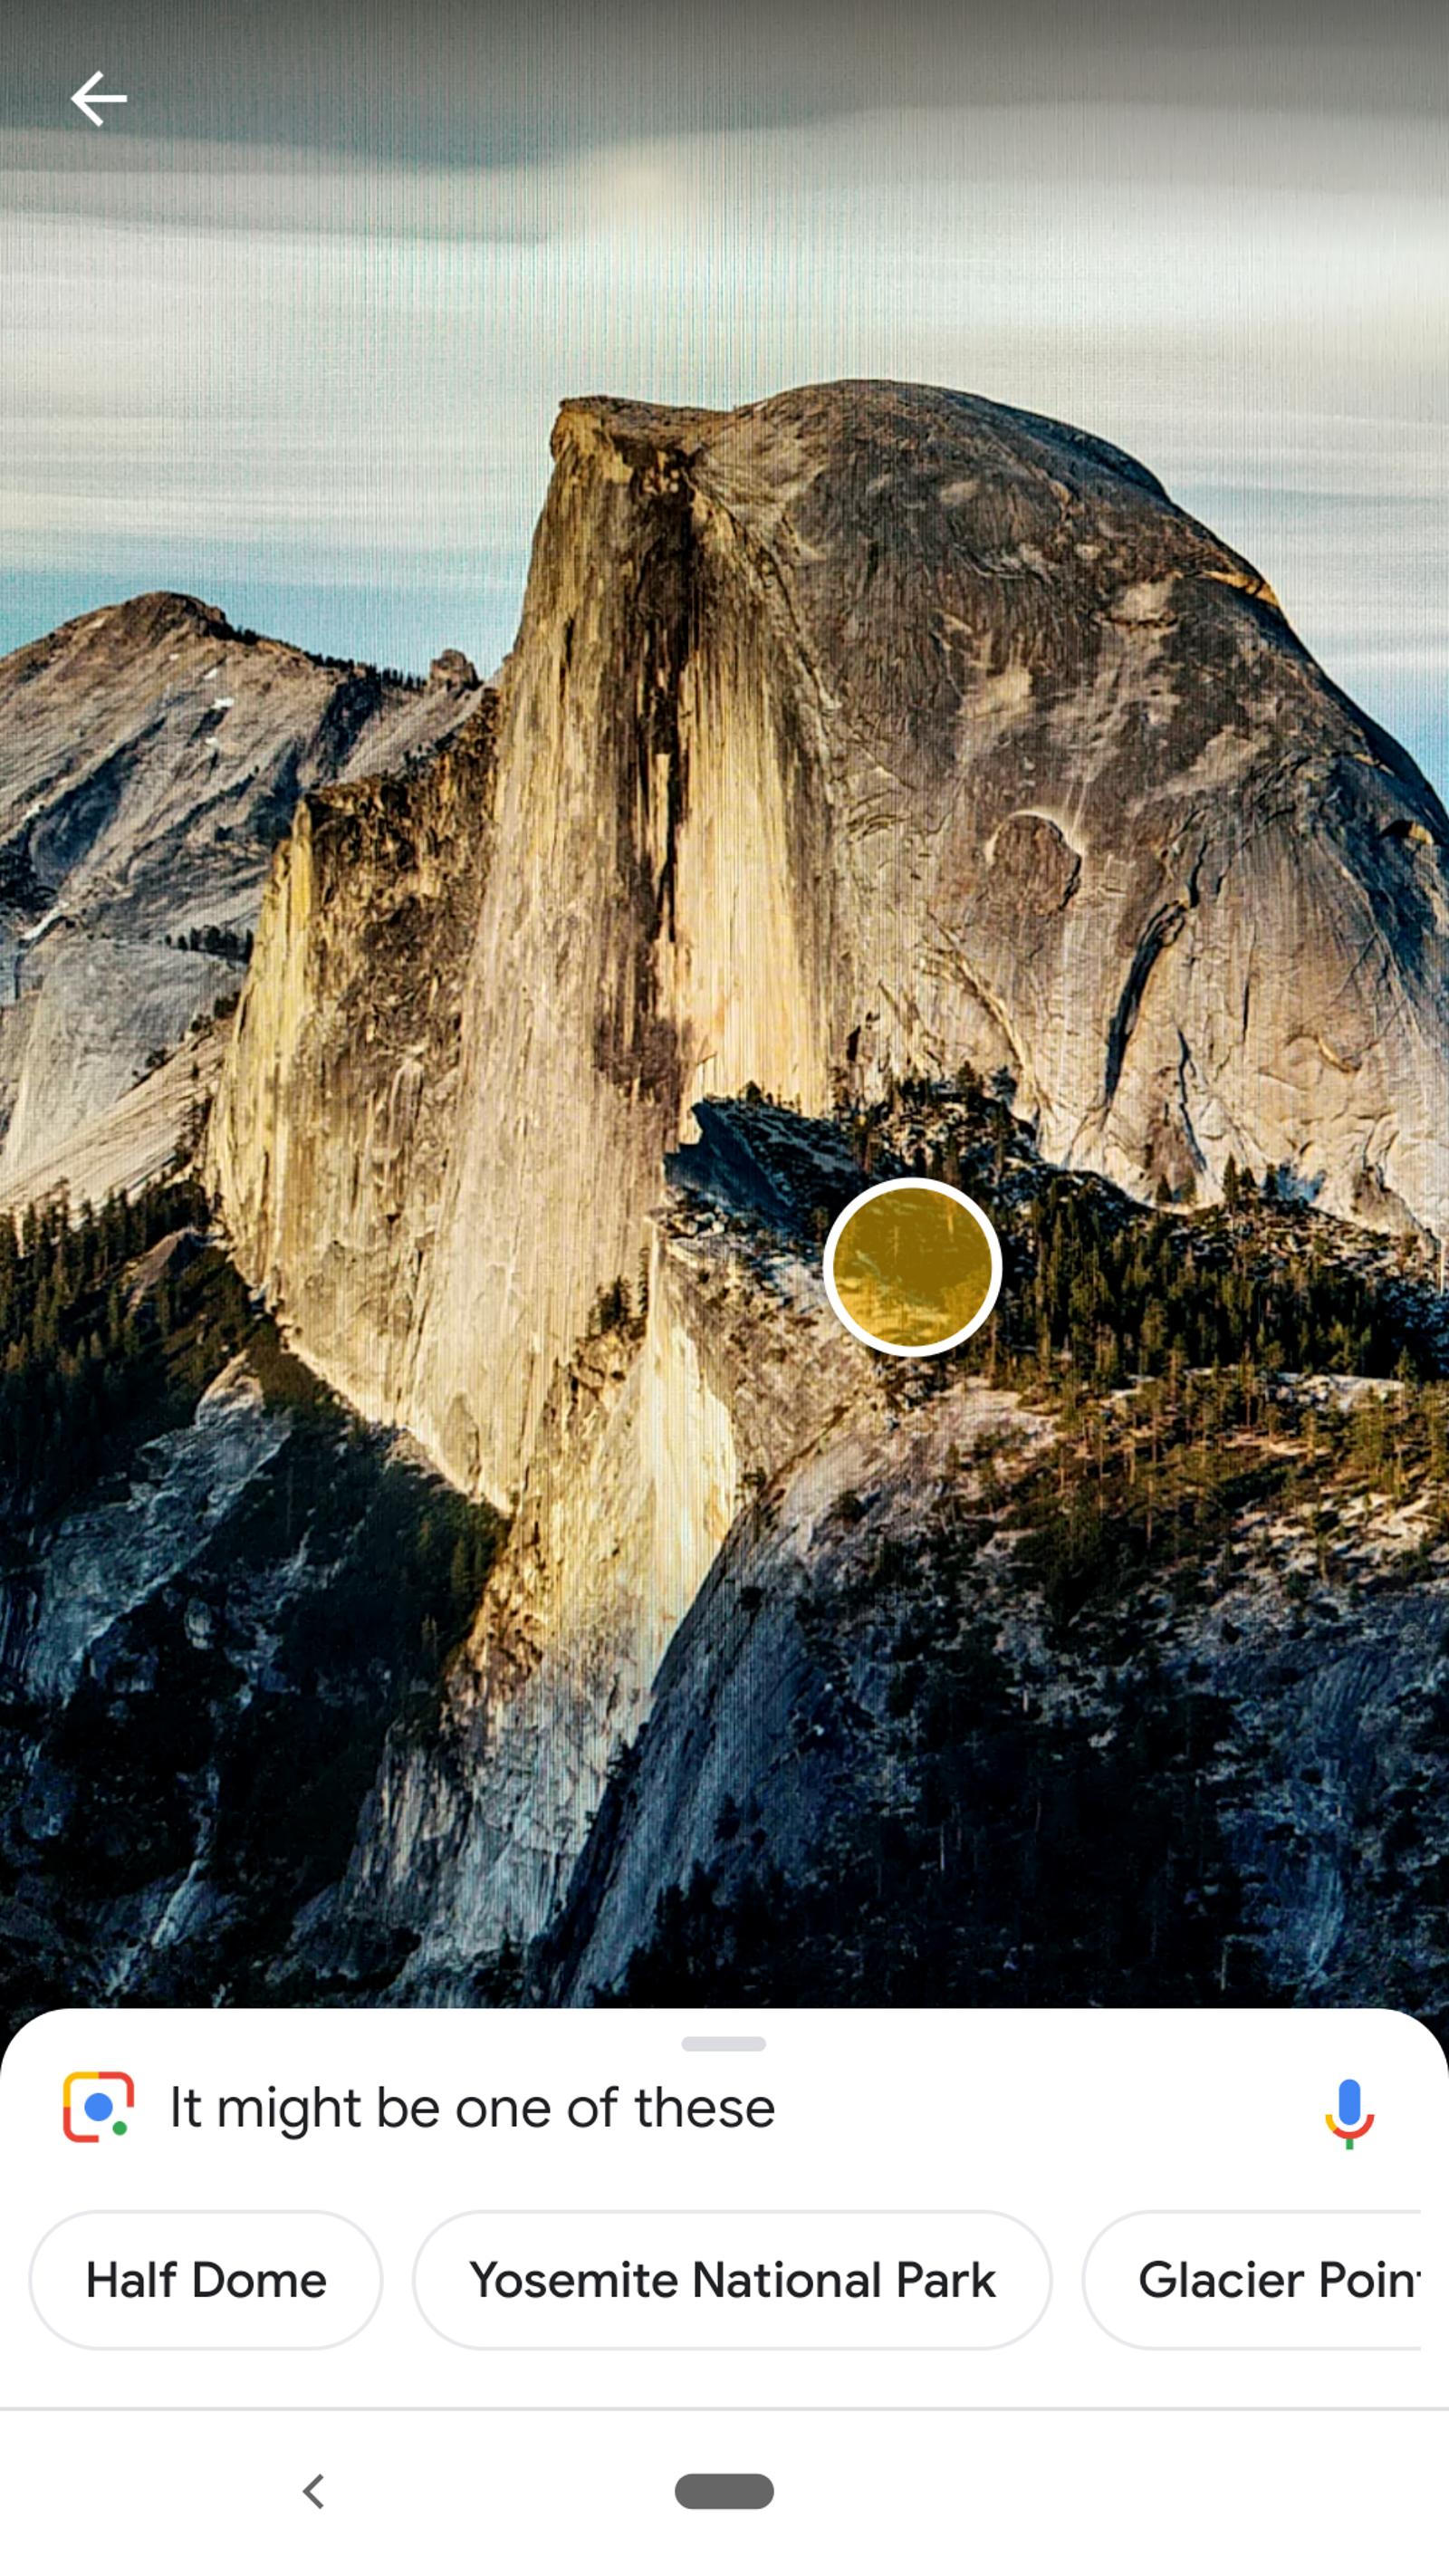 Easy-peasy, Google Lens.